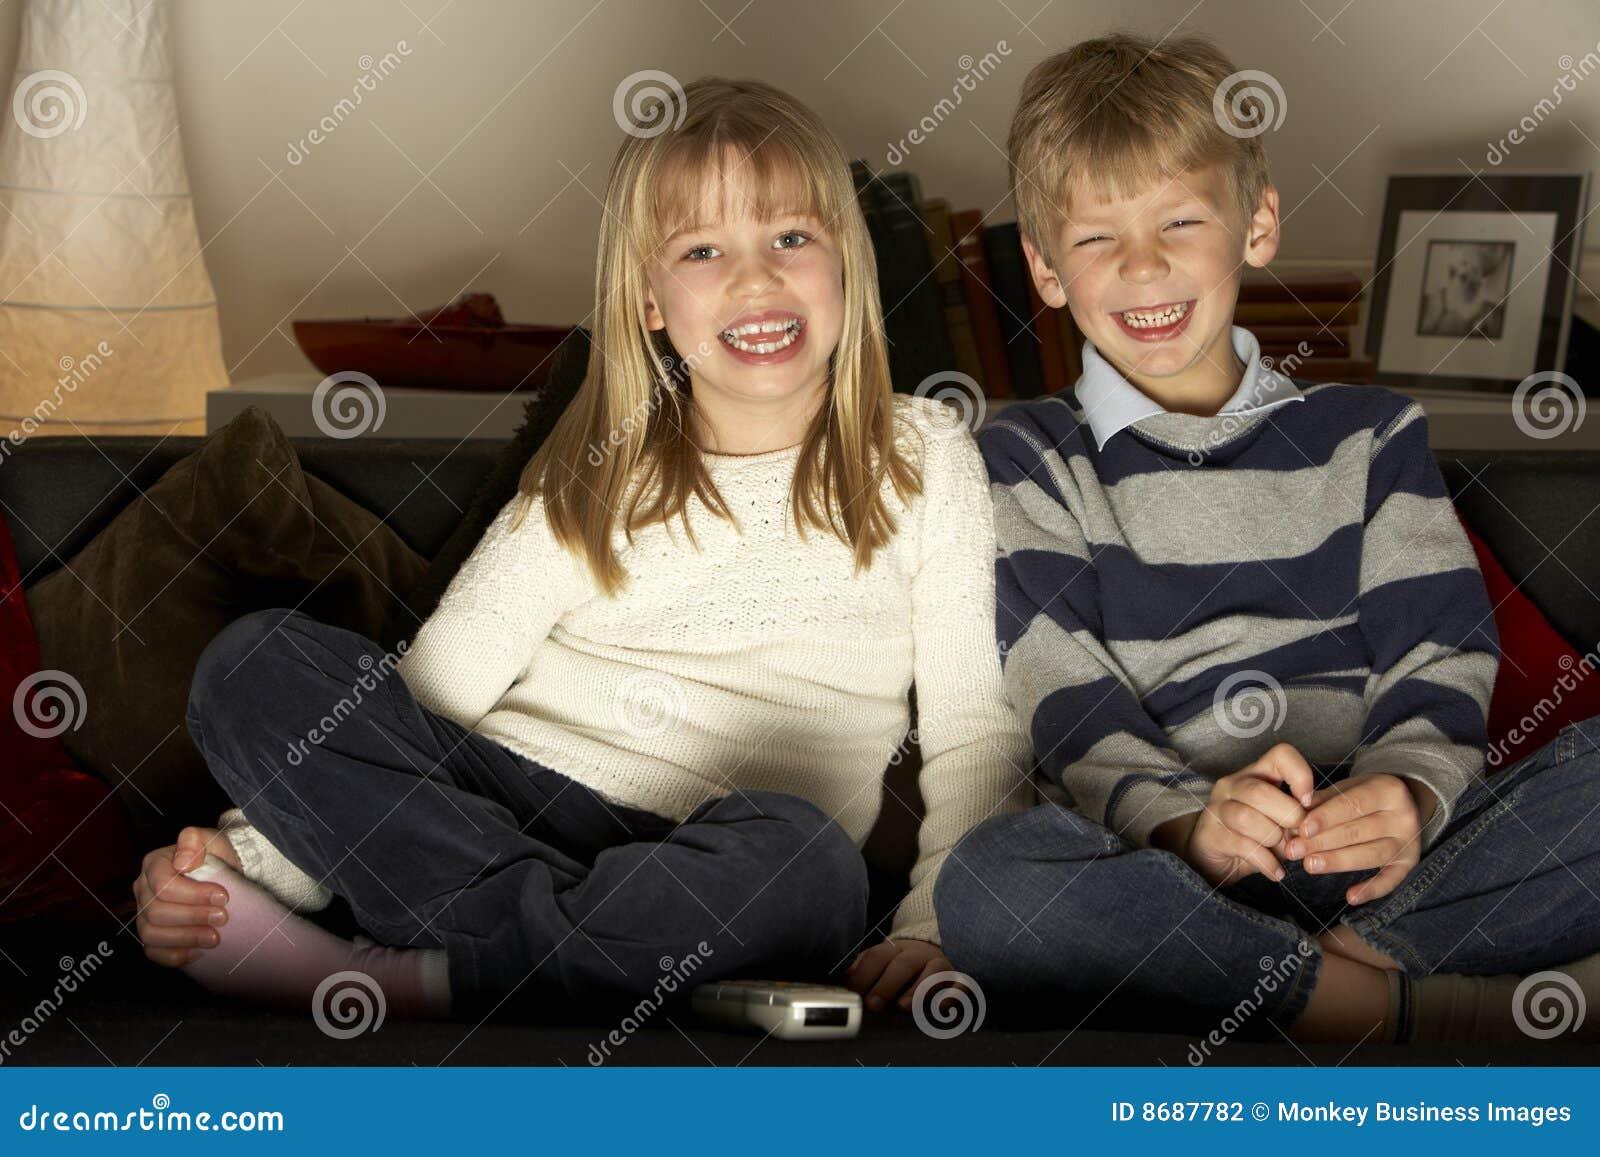 Секс брат сестра и, Порно: брат и сестра. Секс инцест брата и сестры на 26 фотография